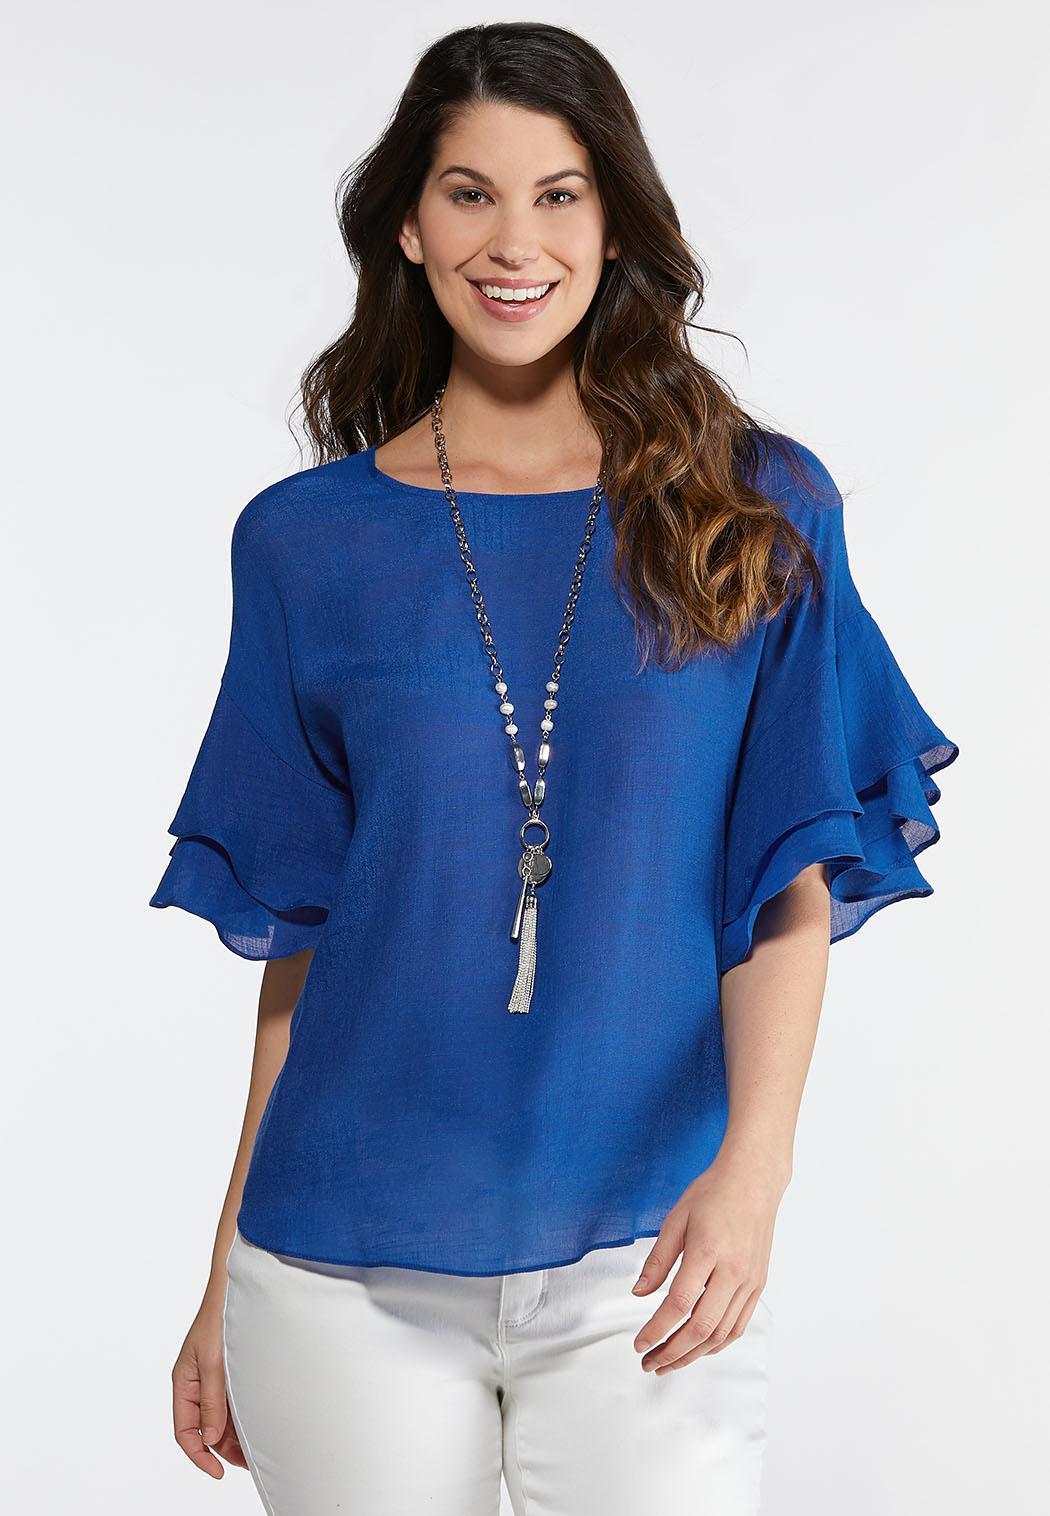 82d60ab537e4 Women s Shirts   Blouses